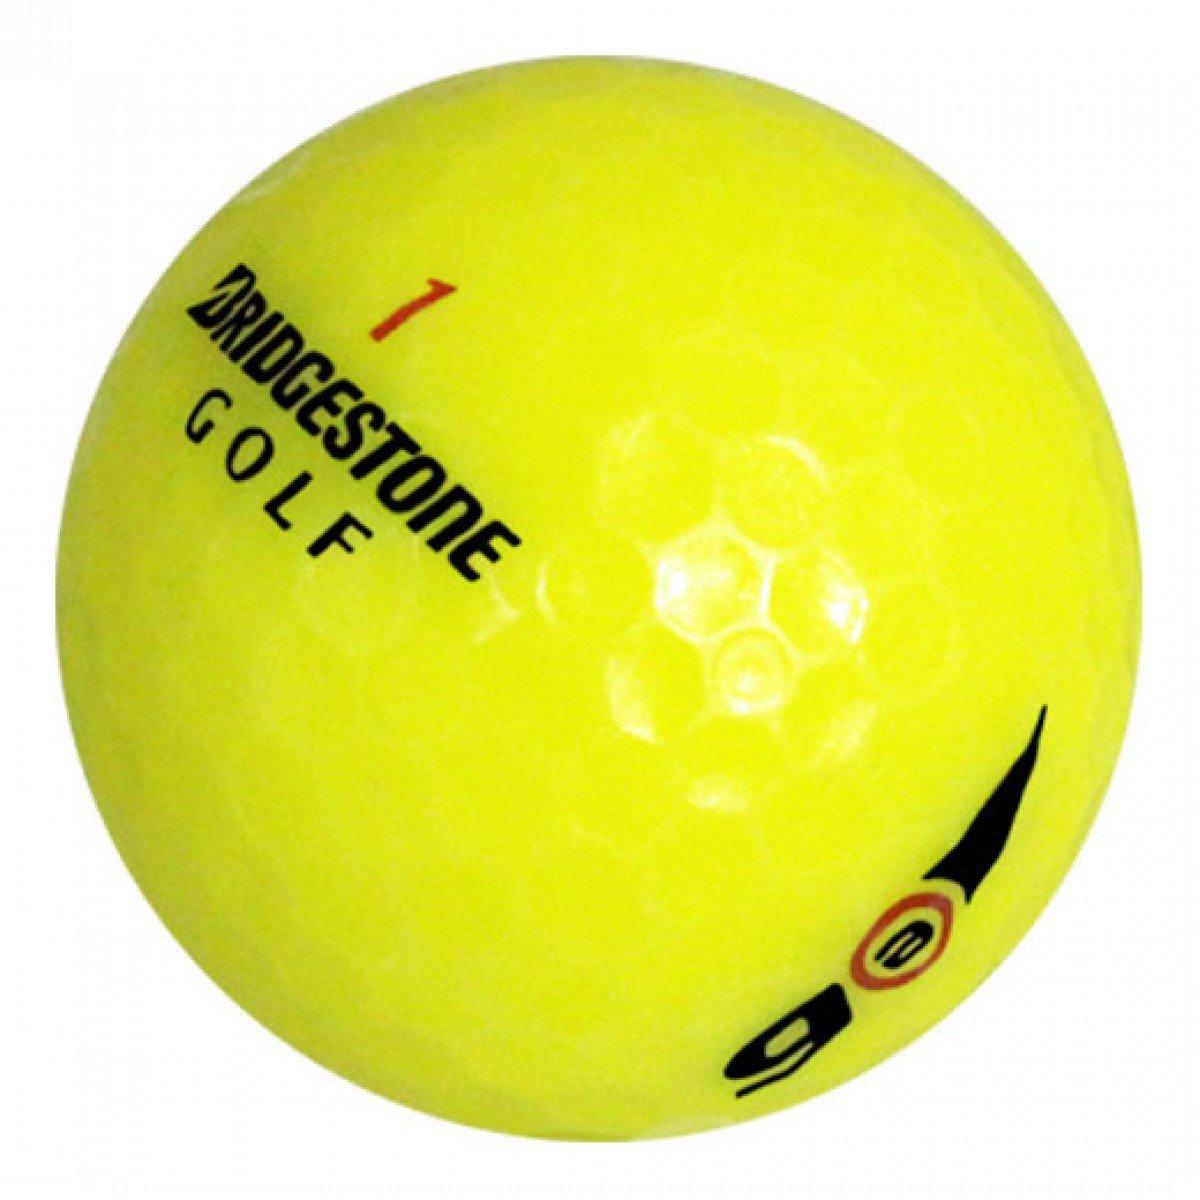 ブリヂストン e6 イエロー - プレミアム ゴルフボール 48個 B016YXWECI